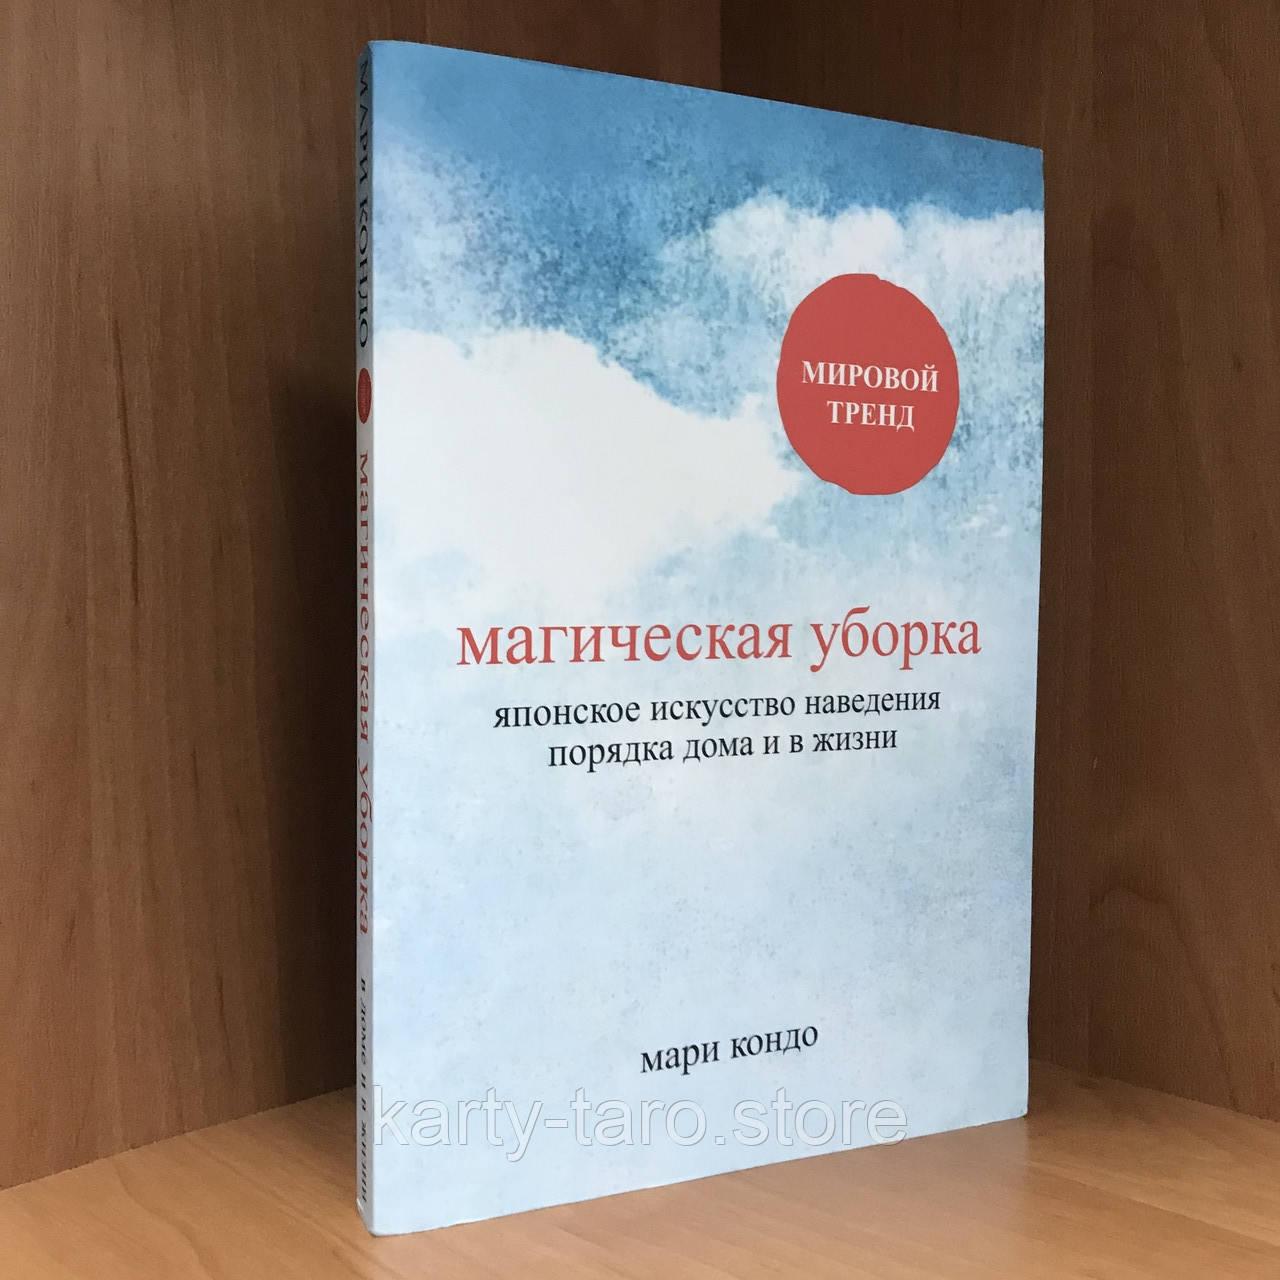 Книга Магическая уборка. Японское искусство наведения порядка дома и в жизни - Мари Кондо